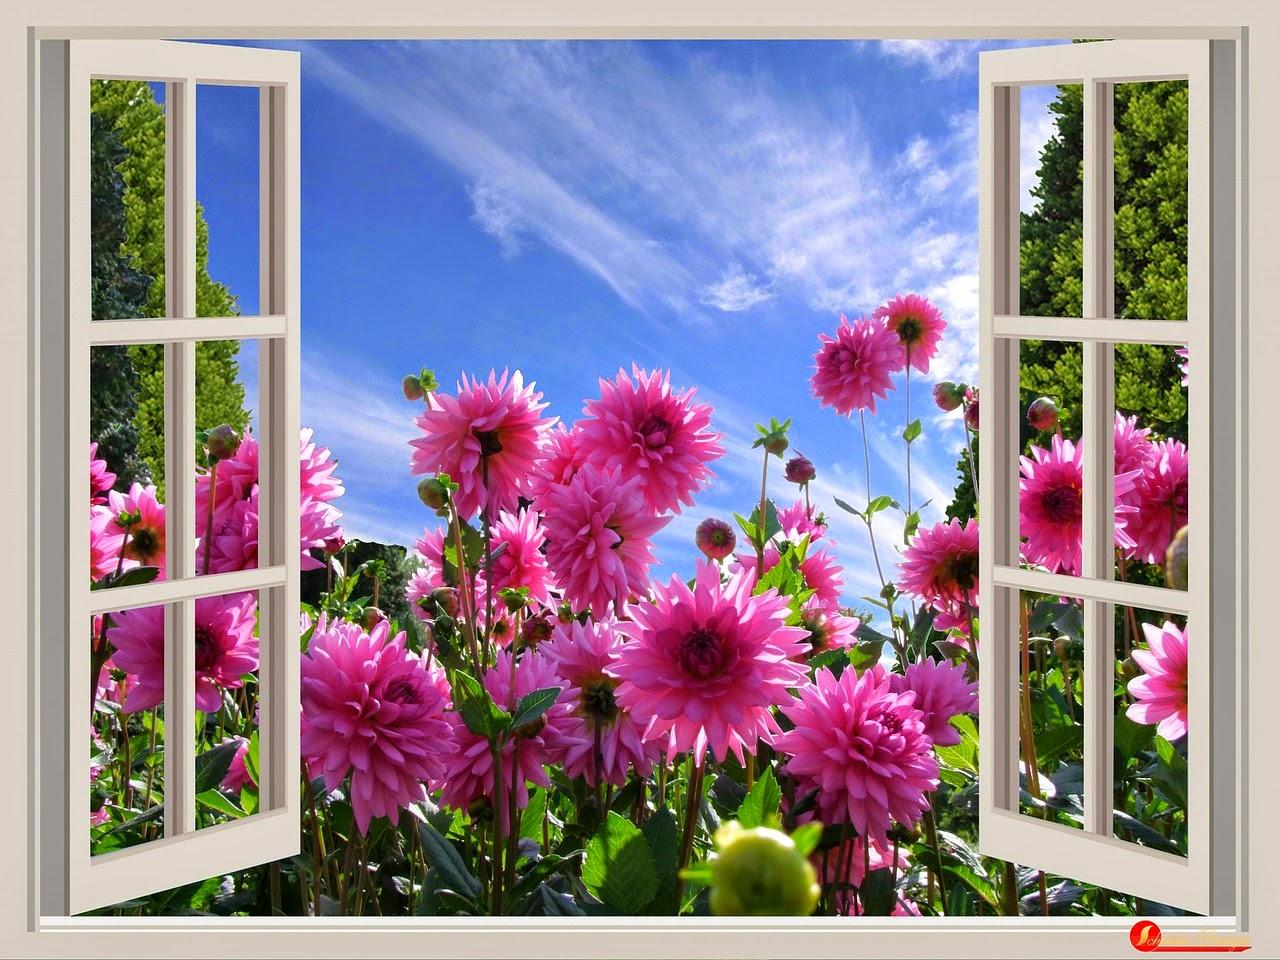 أجمل الصور لصباح الخير والورد جميلة ورائعة